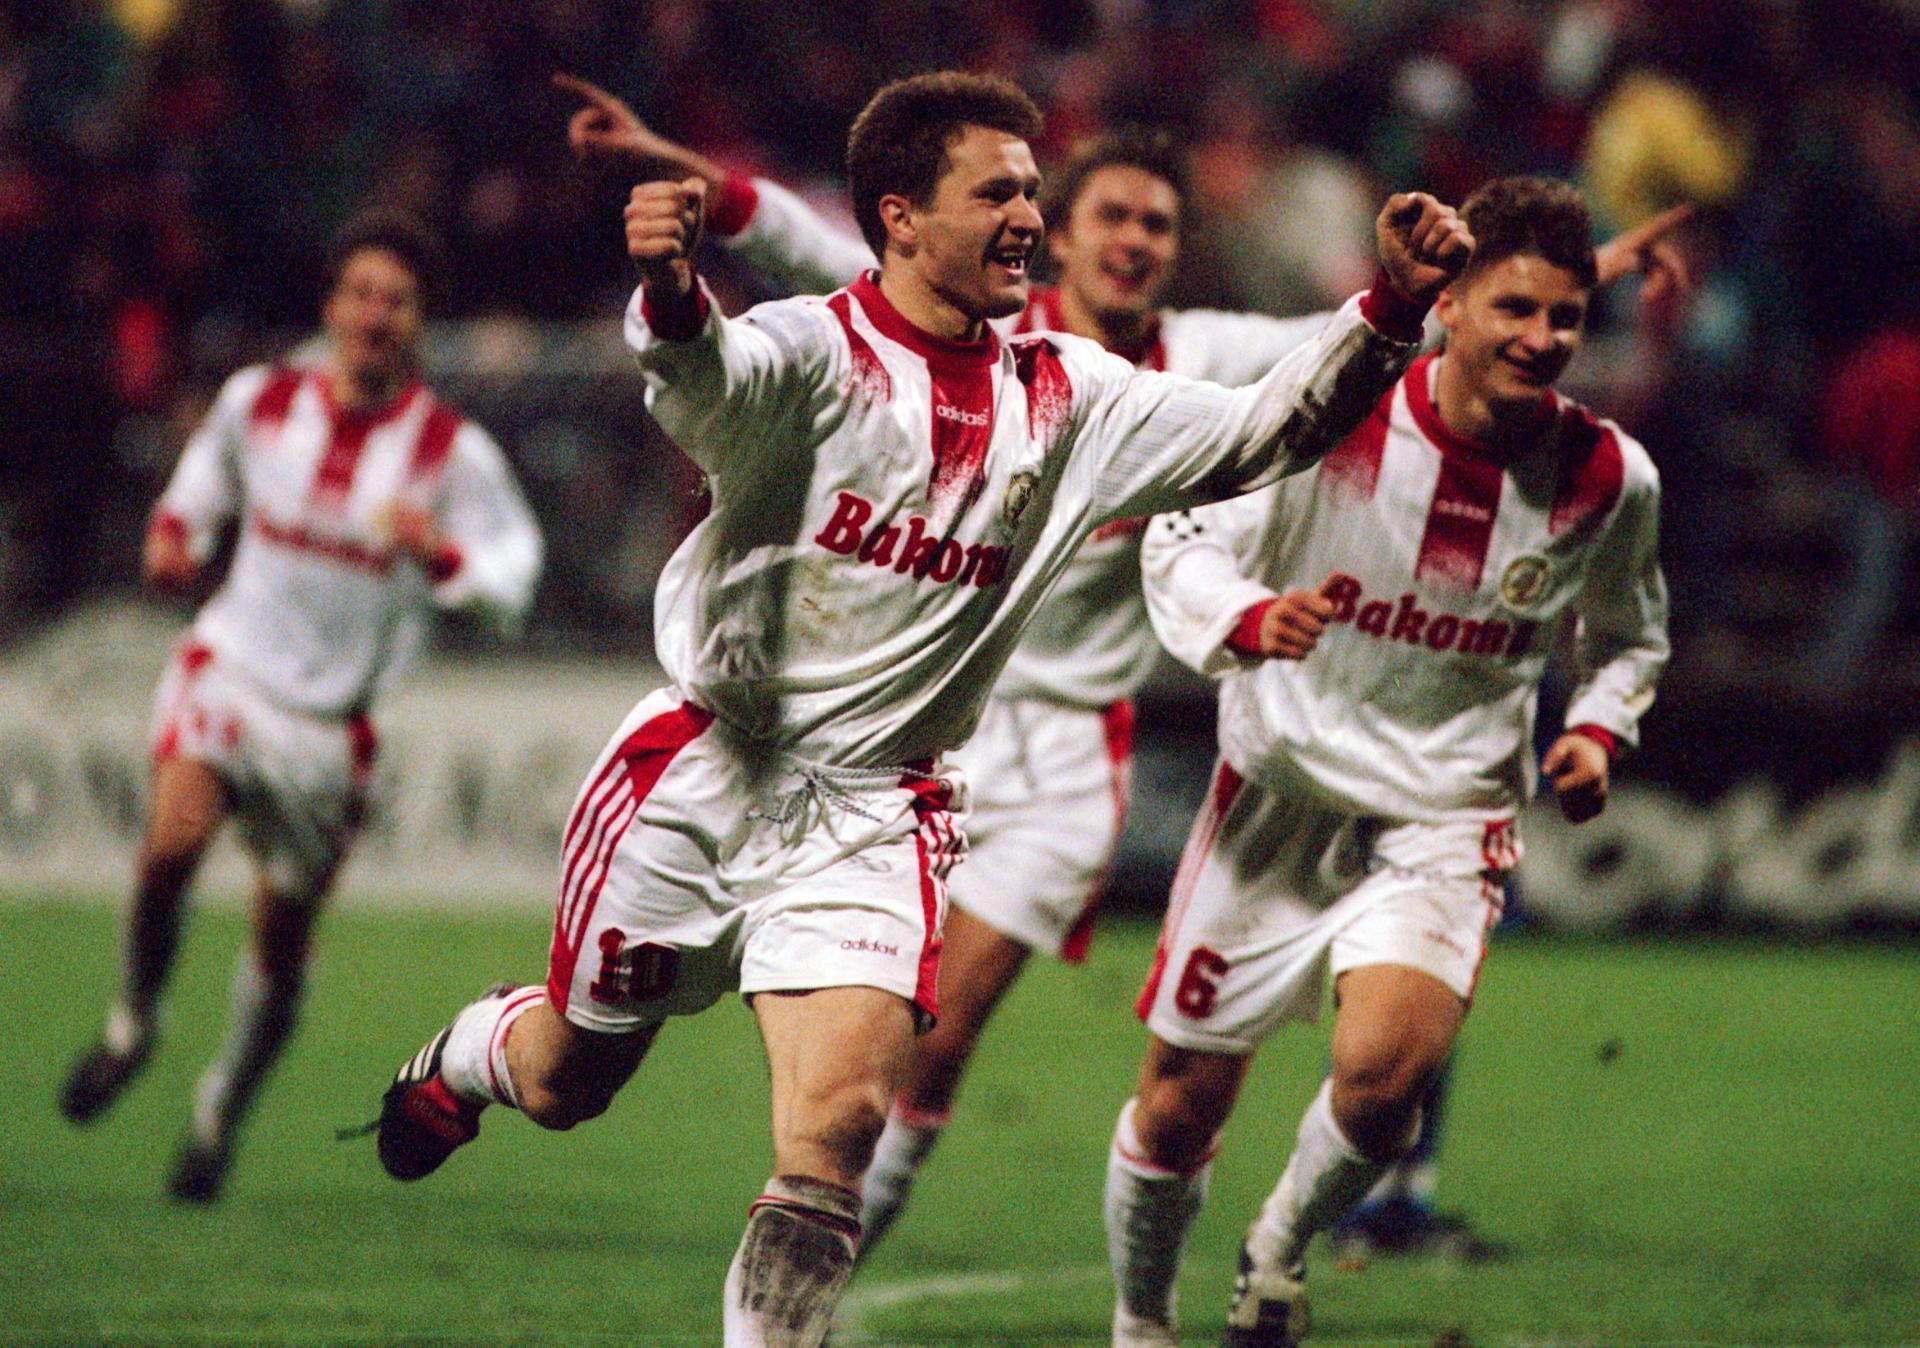 Ryszard Czerwiec po zdobyciu bramki podczas meczu Widzew Łódź - Steaua Bukareszt 2:0 (30.10.1996).